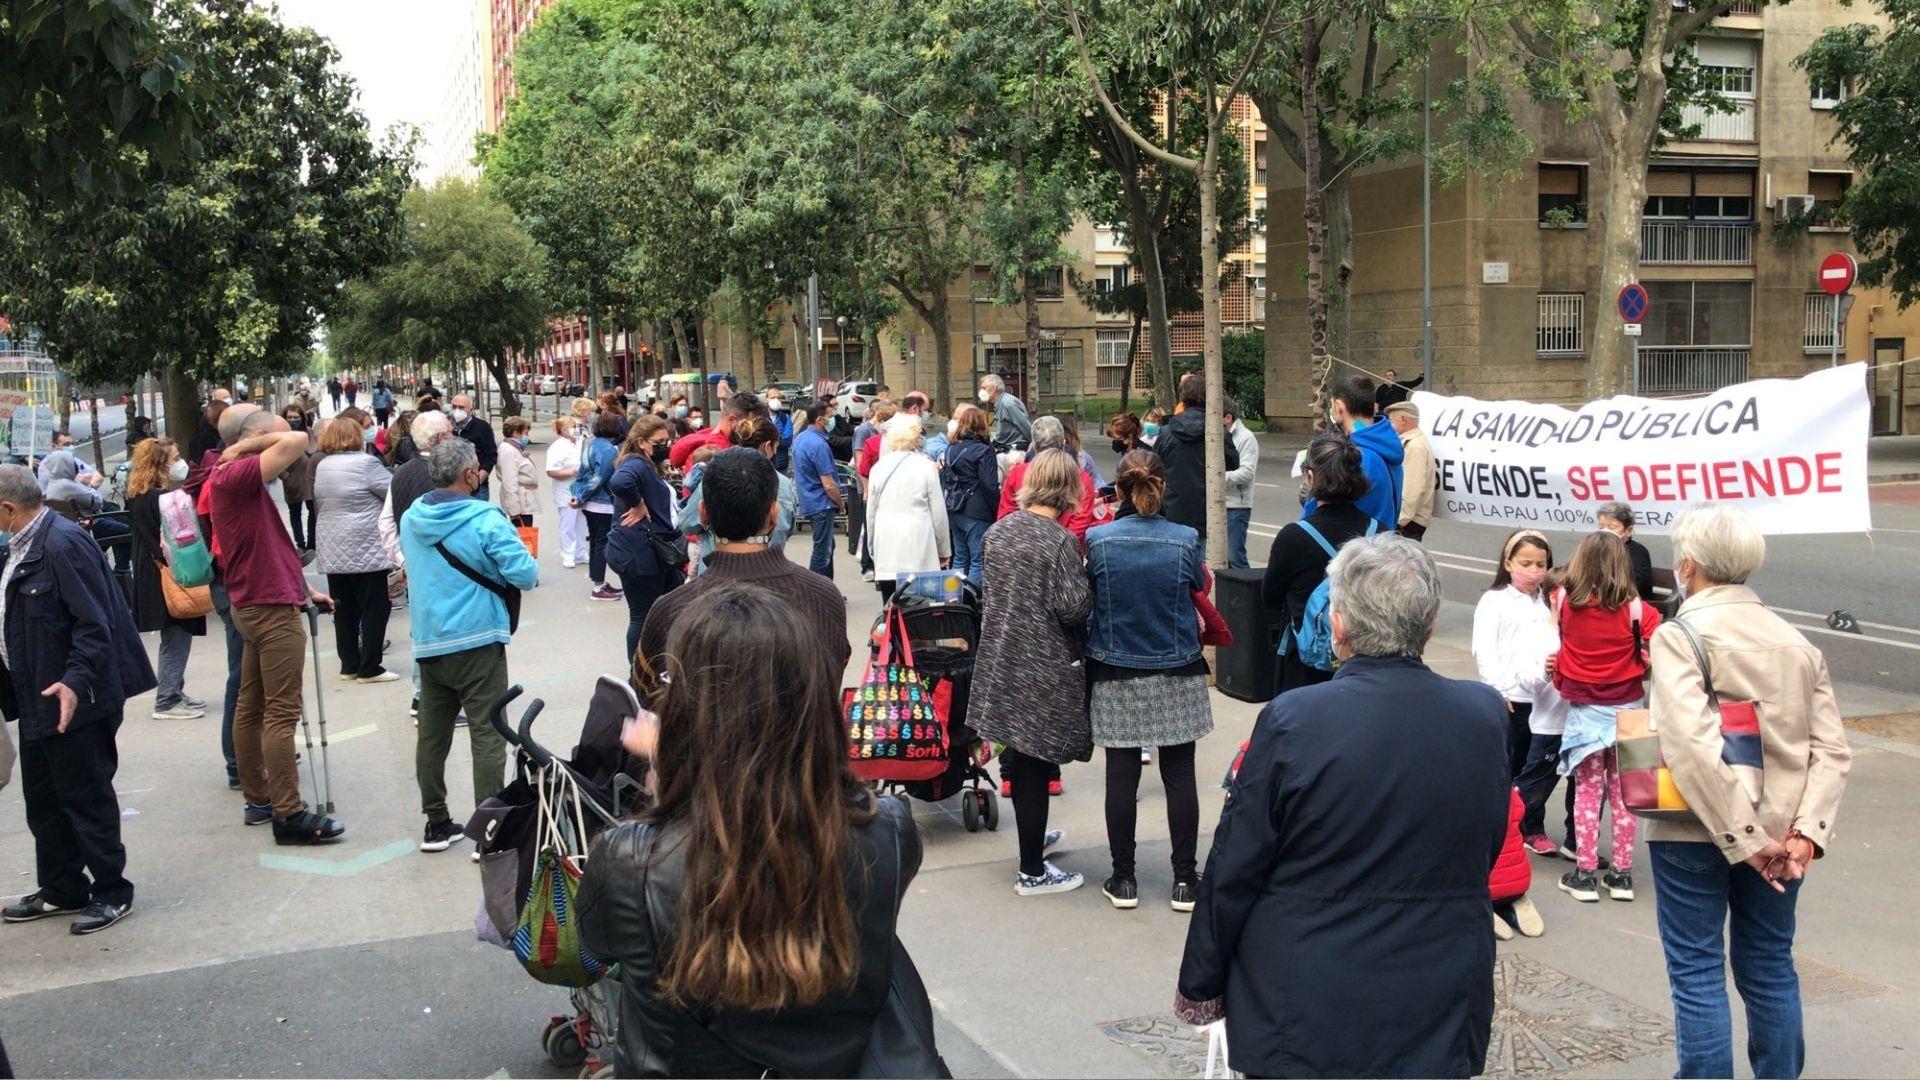 Protesta veïnal per reclamar el retorn del servei de pediatria al CAP la Pau